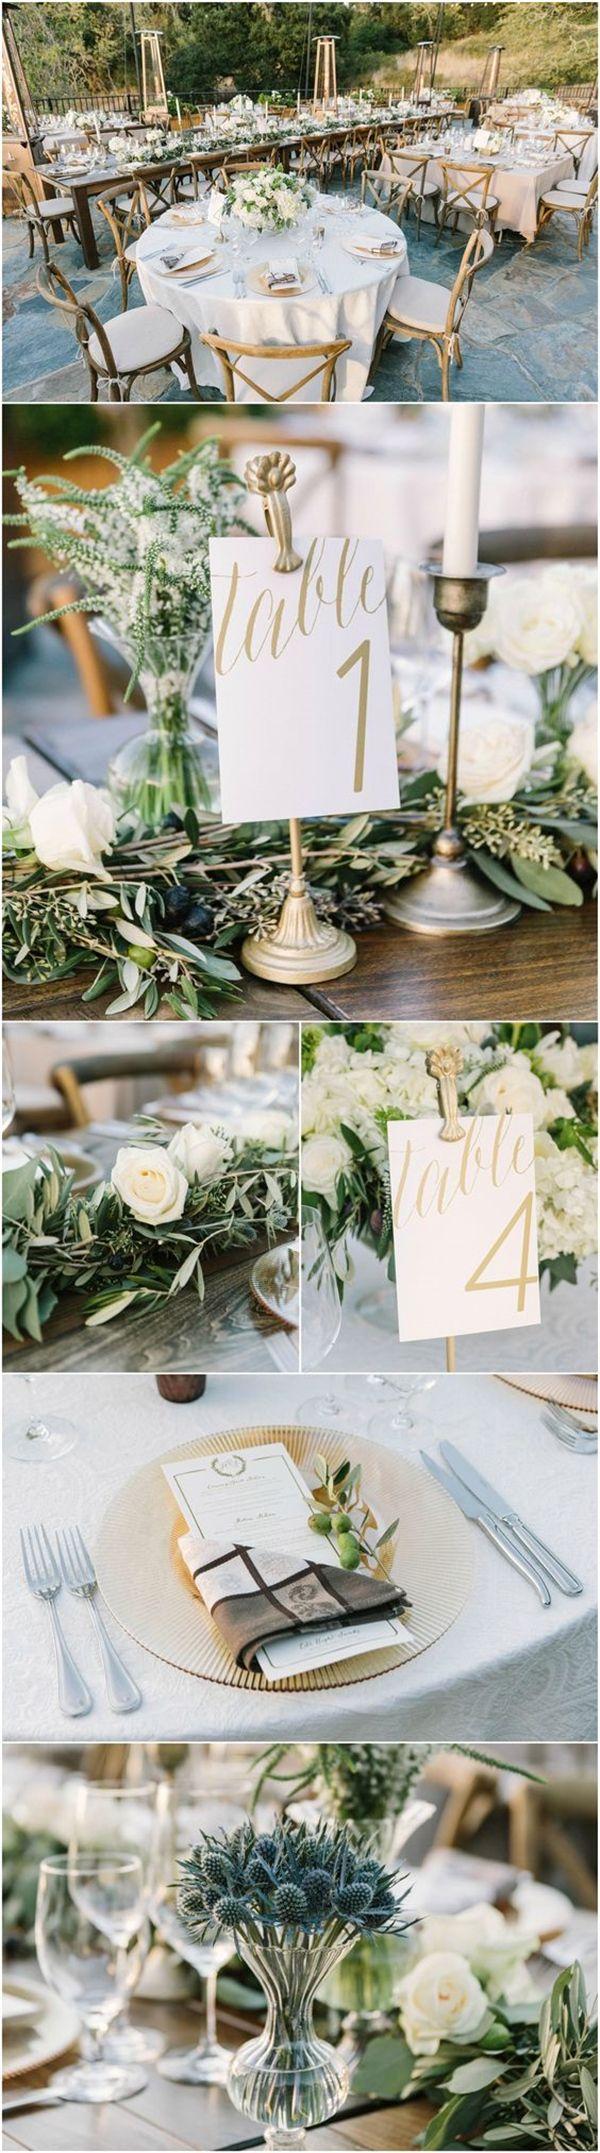 十大鲜花主题婚礼户外仪式»❤️查看更多:http://www.weddinginclude.com/2017/06/flowers-themed-wedding-for-outdoor-ceremony/